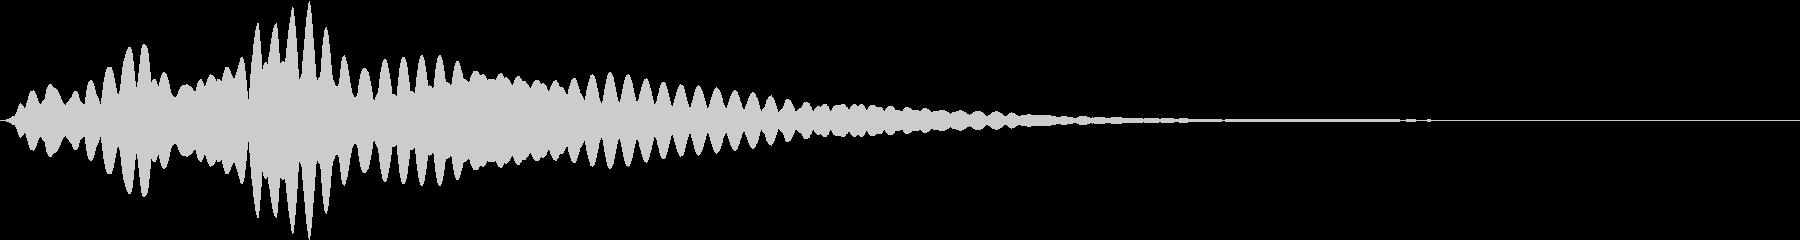 【ホラーゲーム】 ピー・・・の未再生の波形